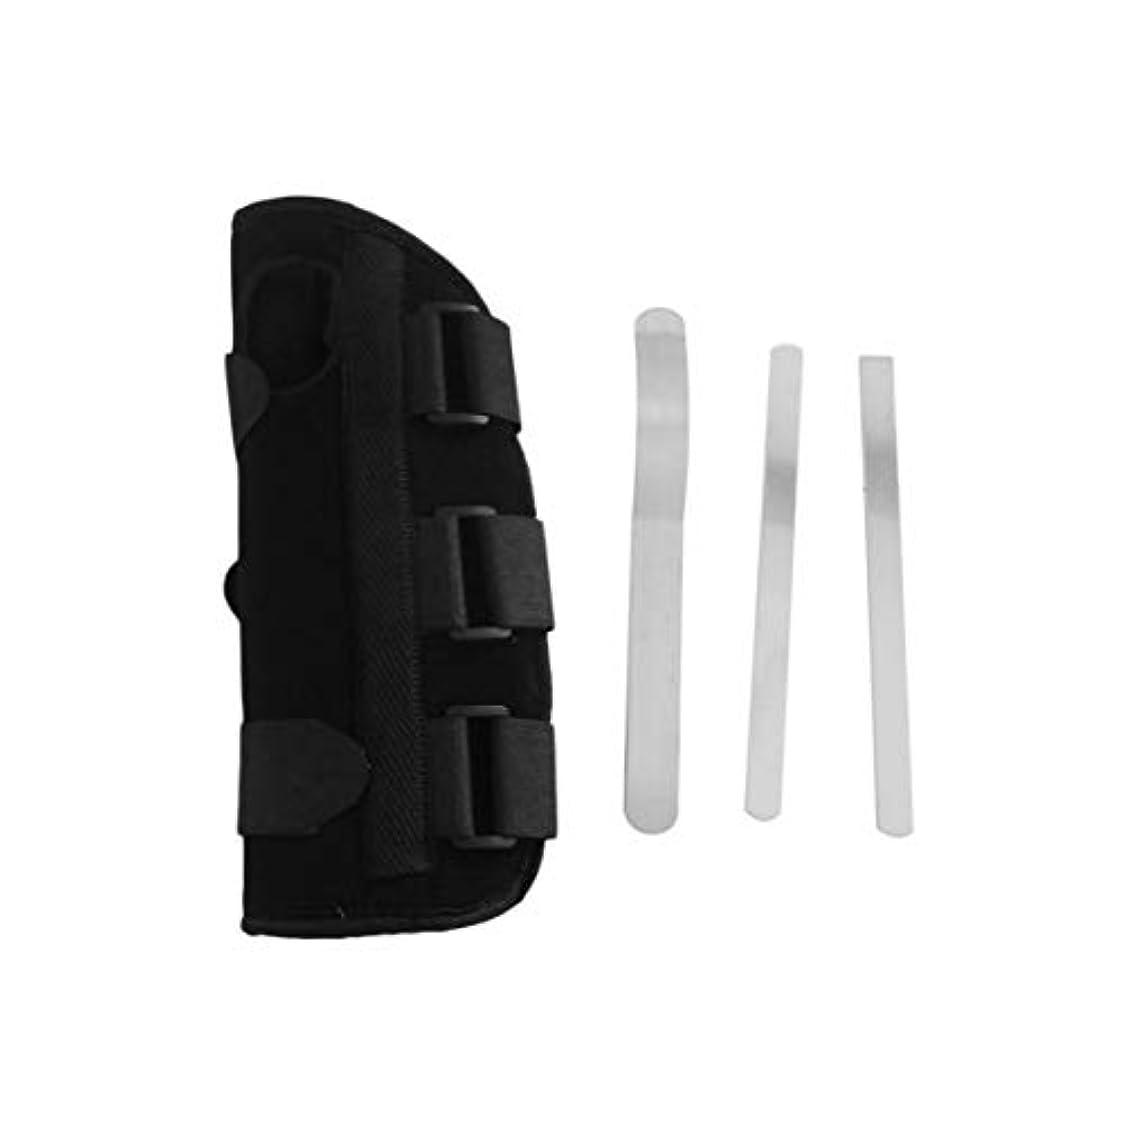 施設嫌い従者手首副木ブレース保護サポートストラップカルペルトンネルCTS RSI痛み軽減取り外し可能な副木快適な軽量ストラップ - ブラックS